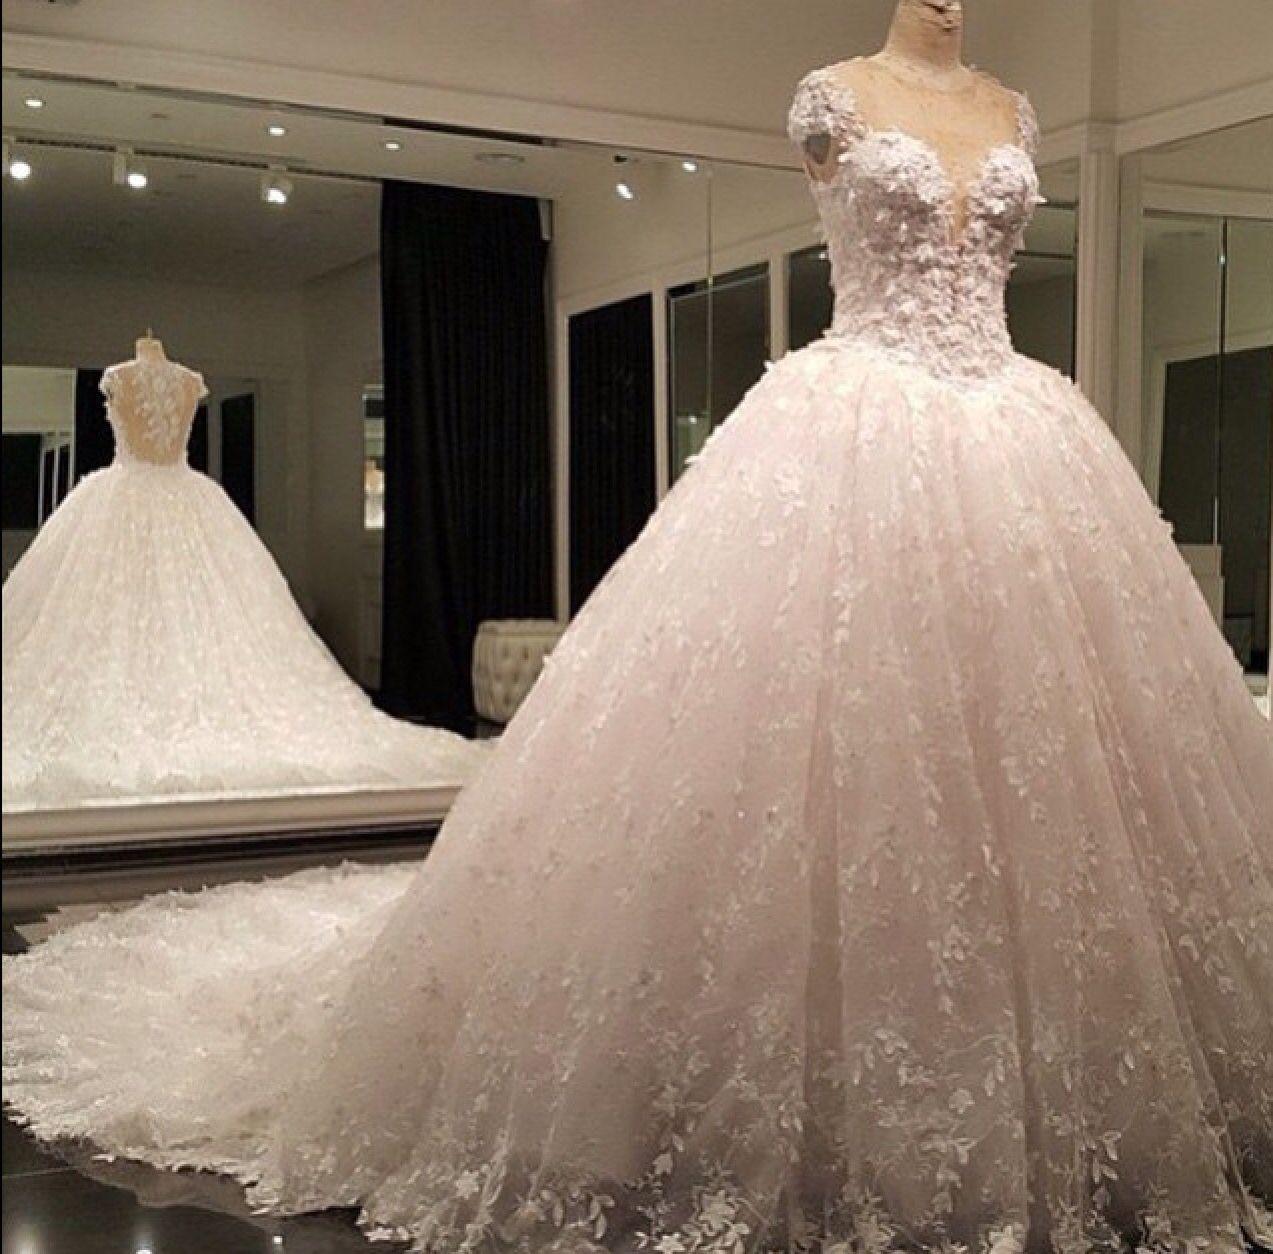 Imagenes de vestidos de novia super esponjados